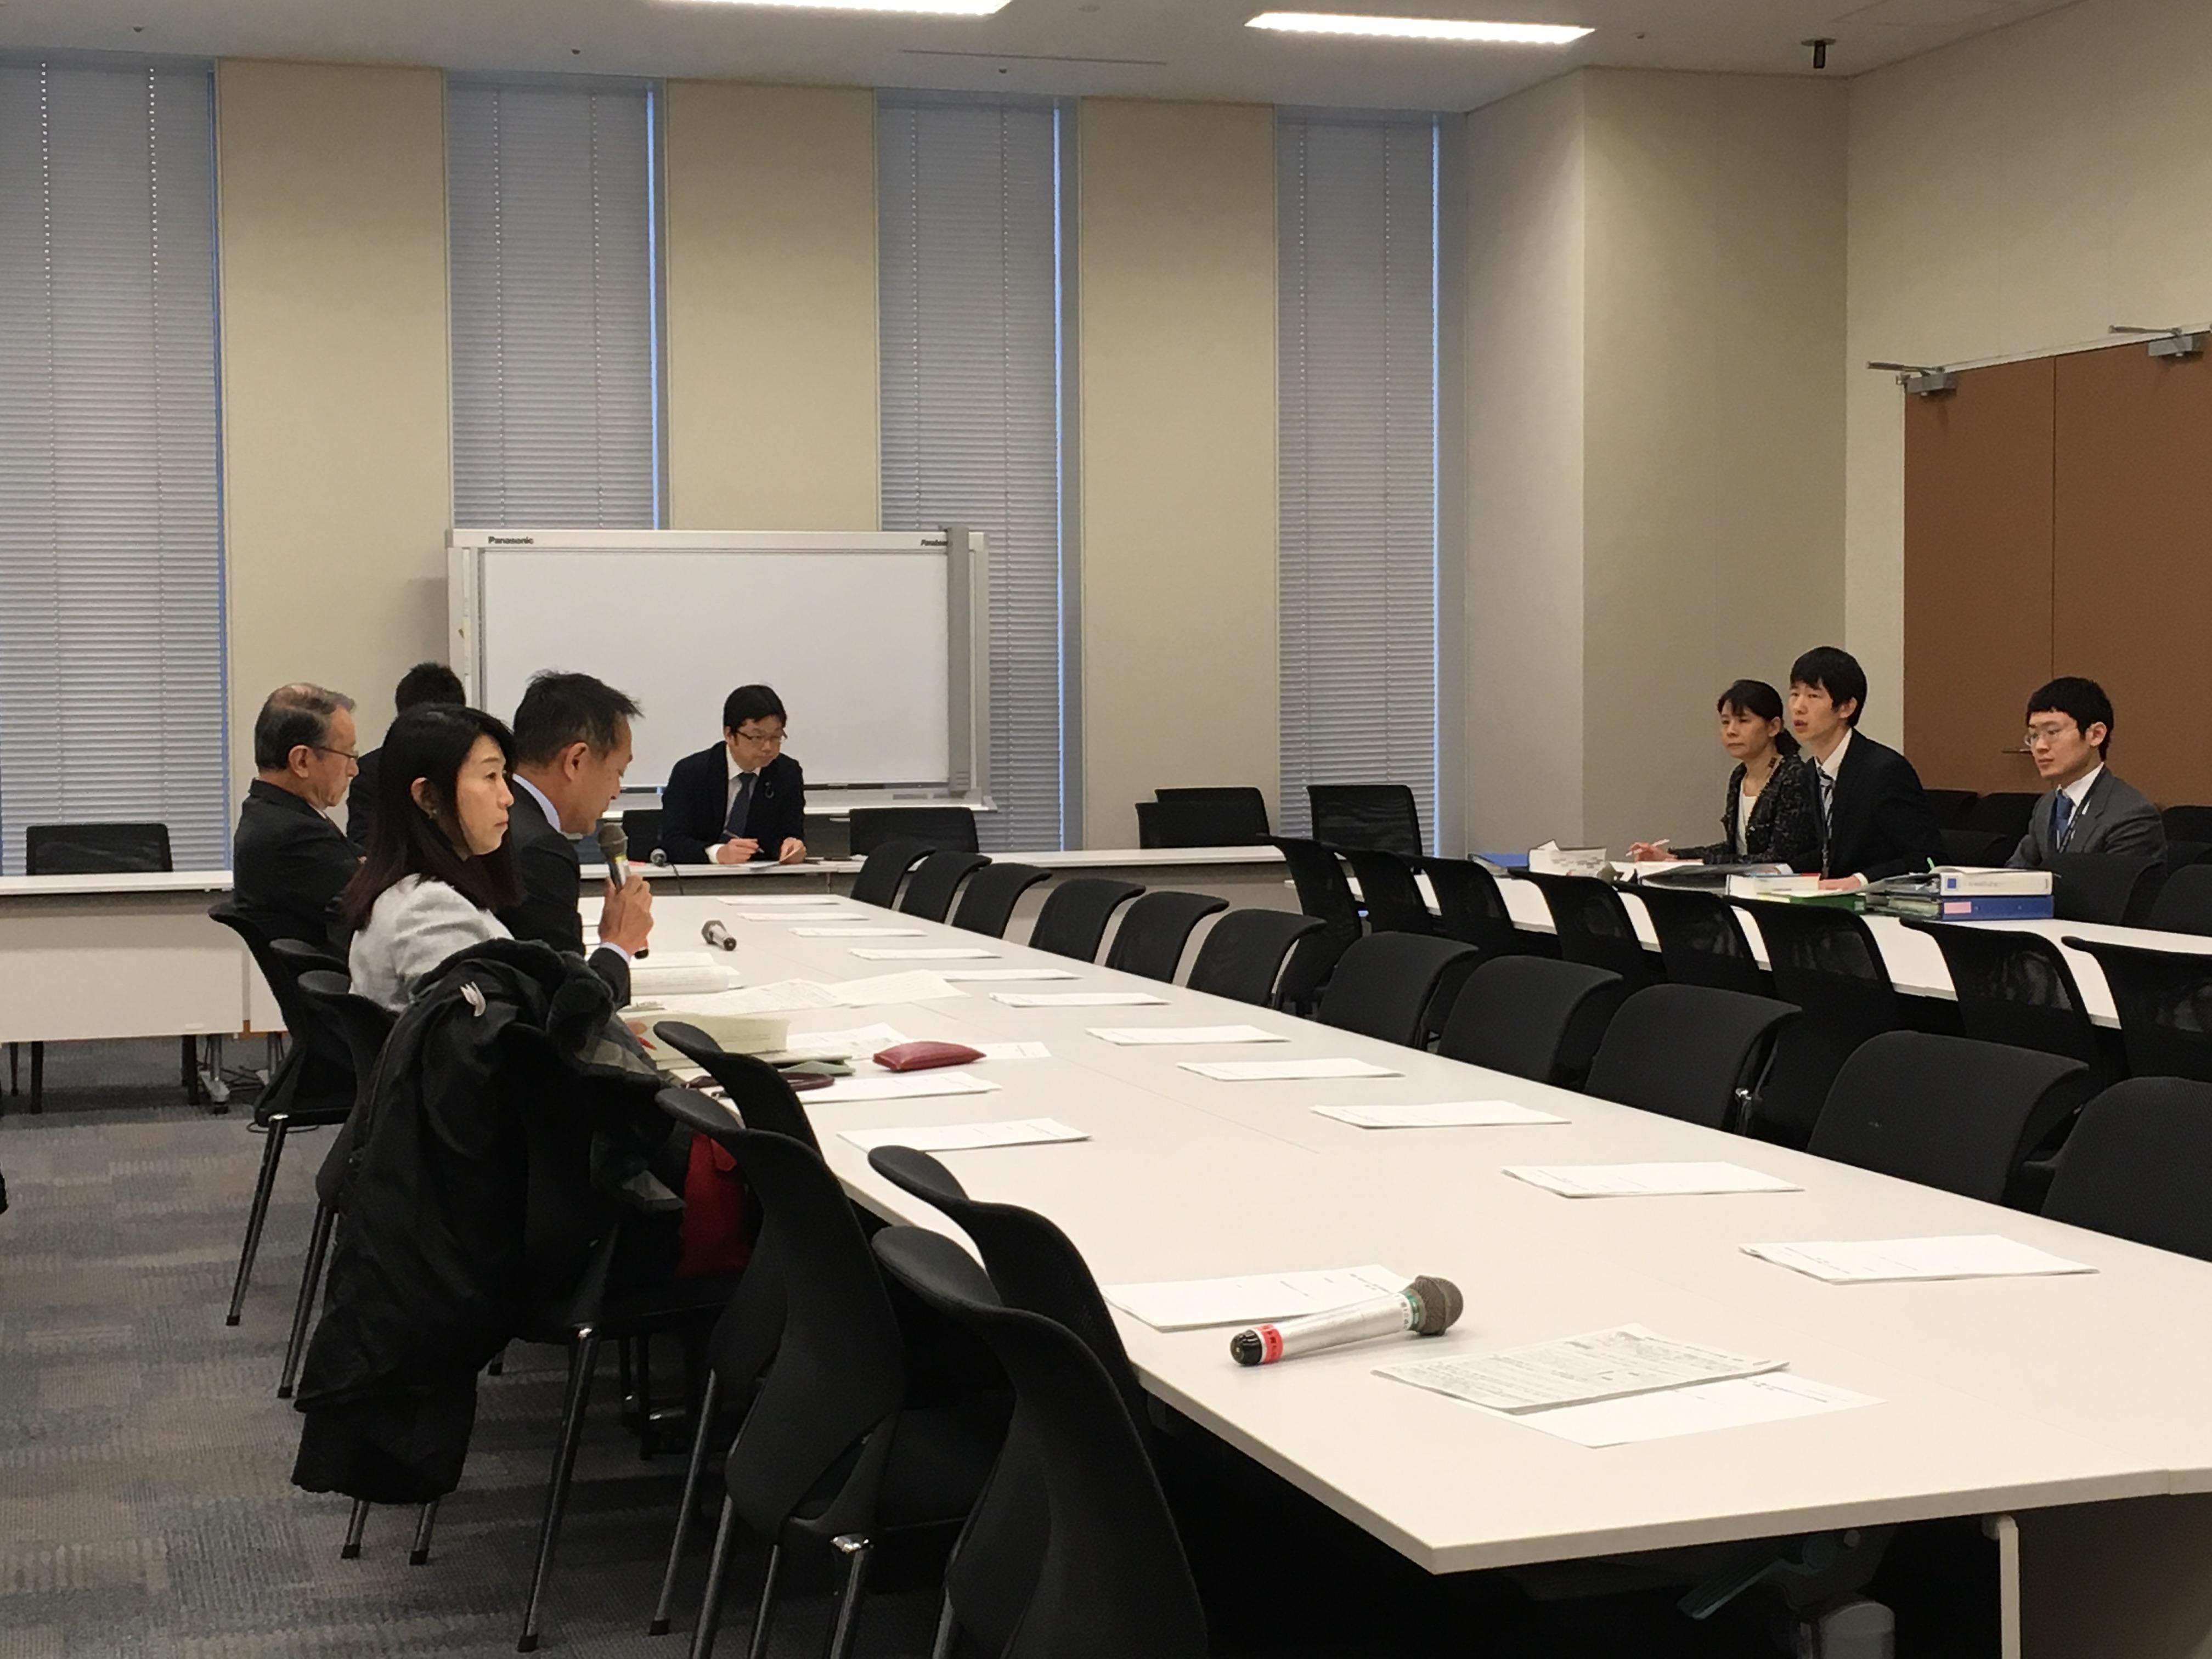 民進党、希望の党による『働き方改革検討のための合同会議』